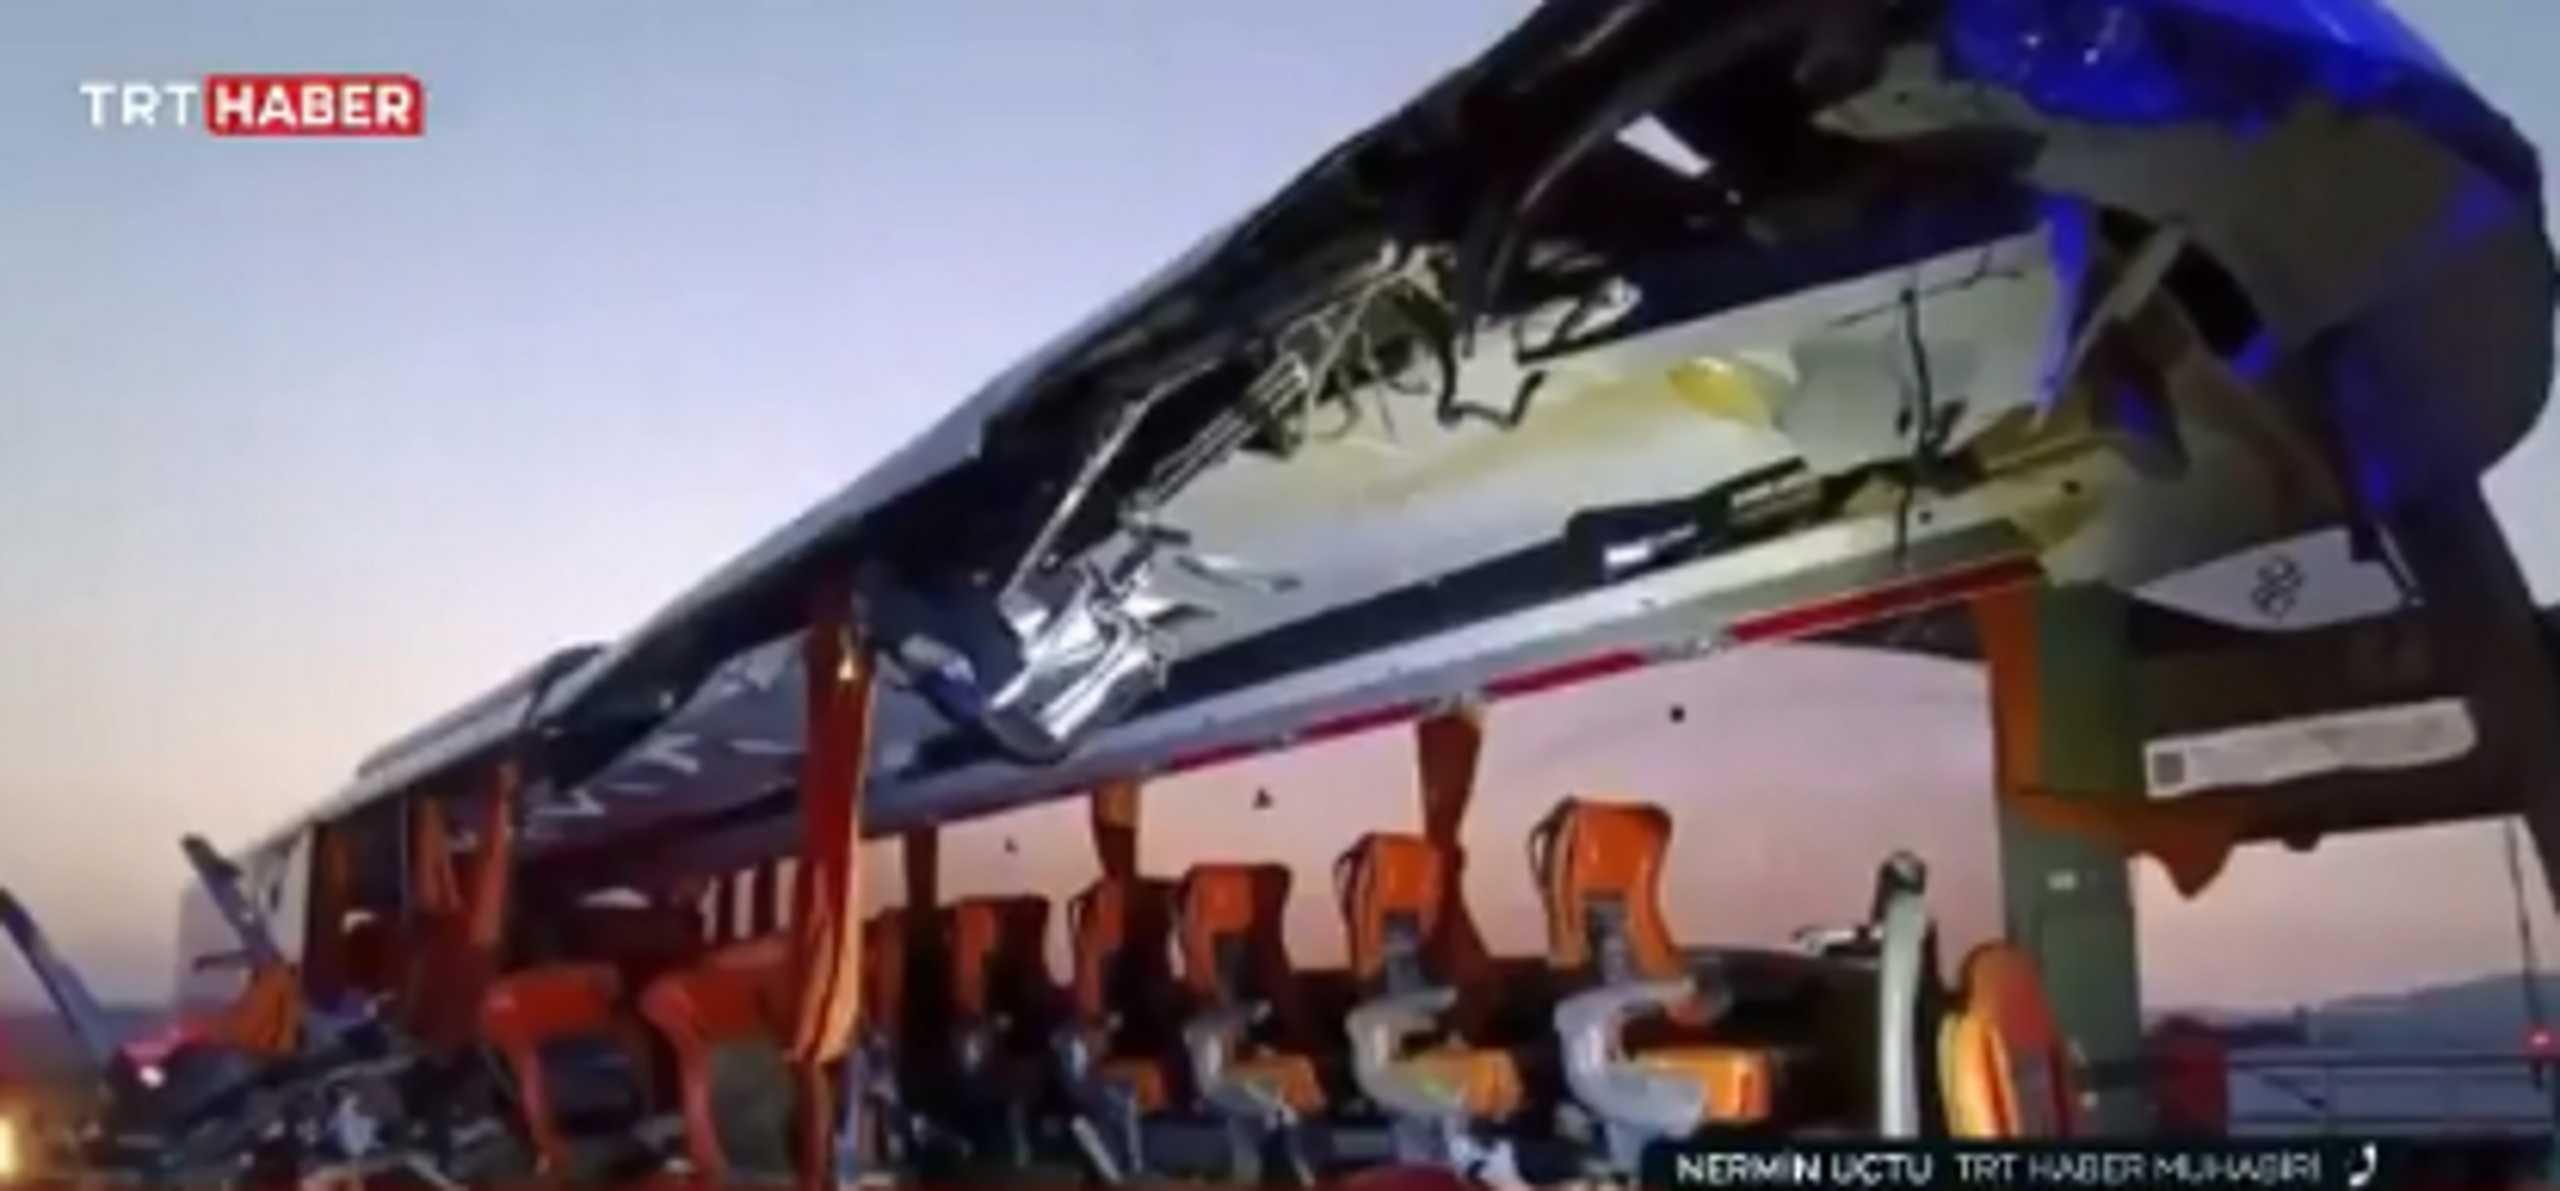 Εννέα νεκροί σε σύγκρουση λεωφορείου με φορτηγό στην Τουρκία – Σοκαριστικές εικόνες